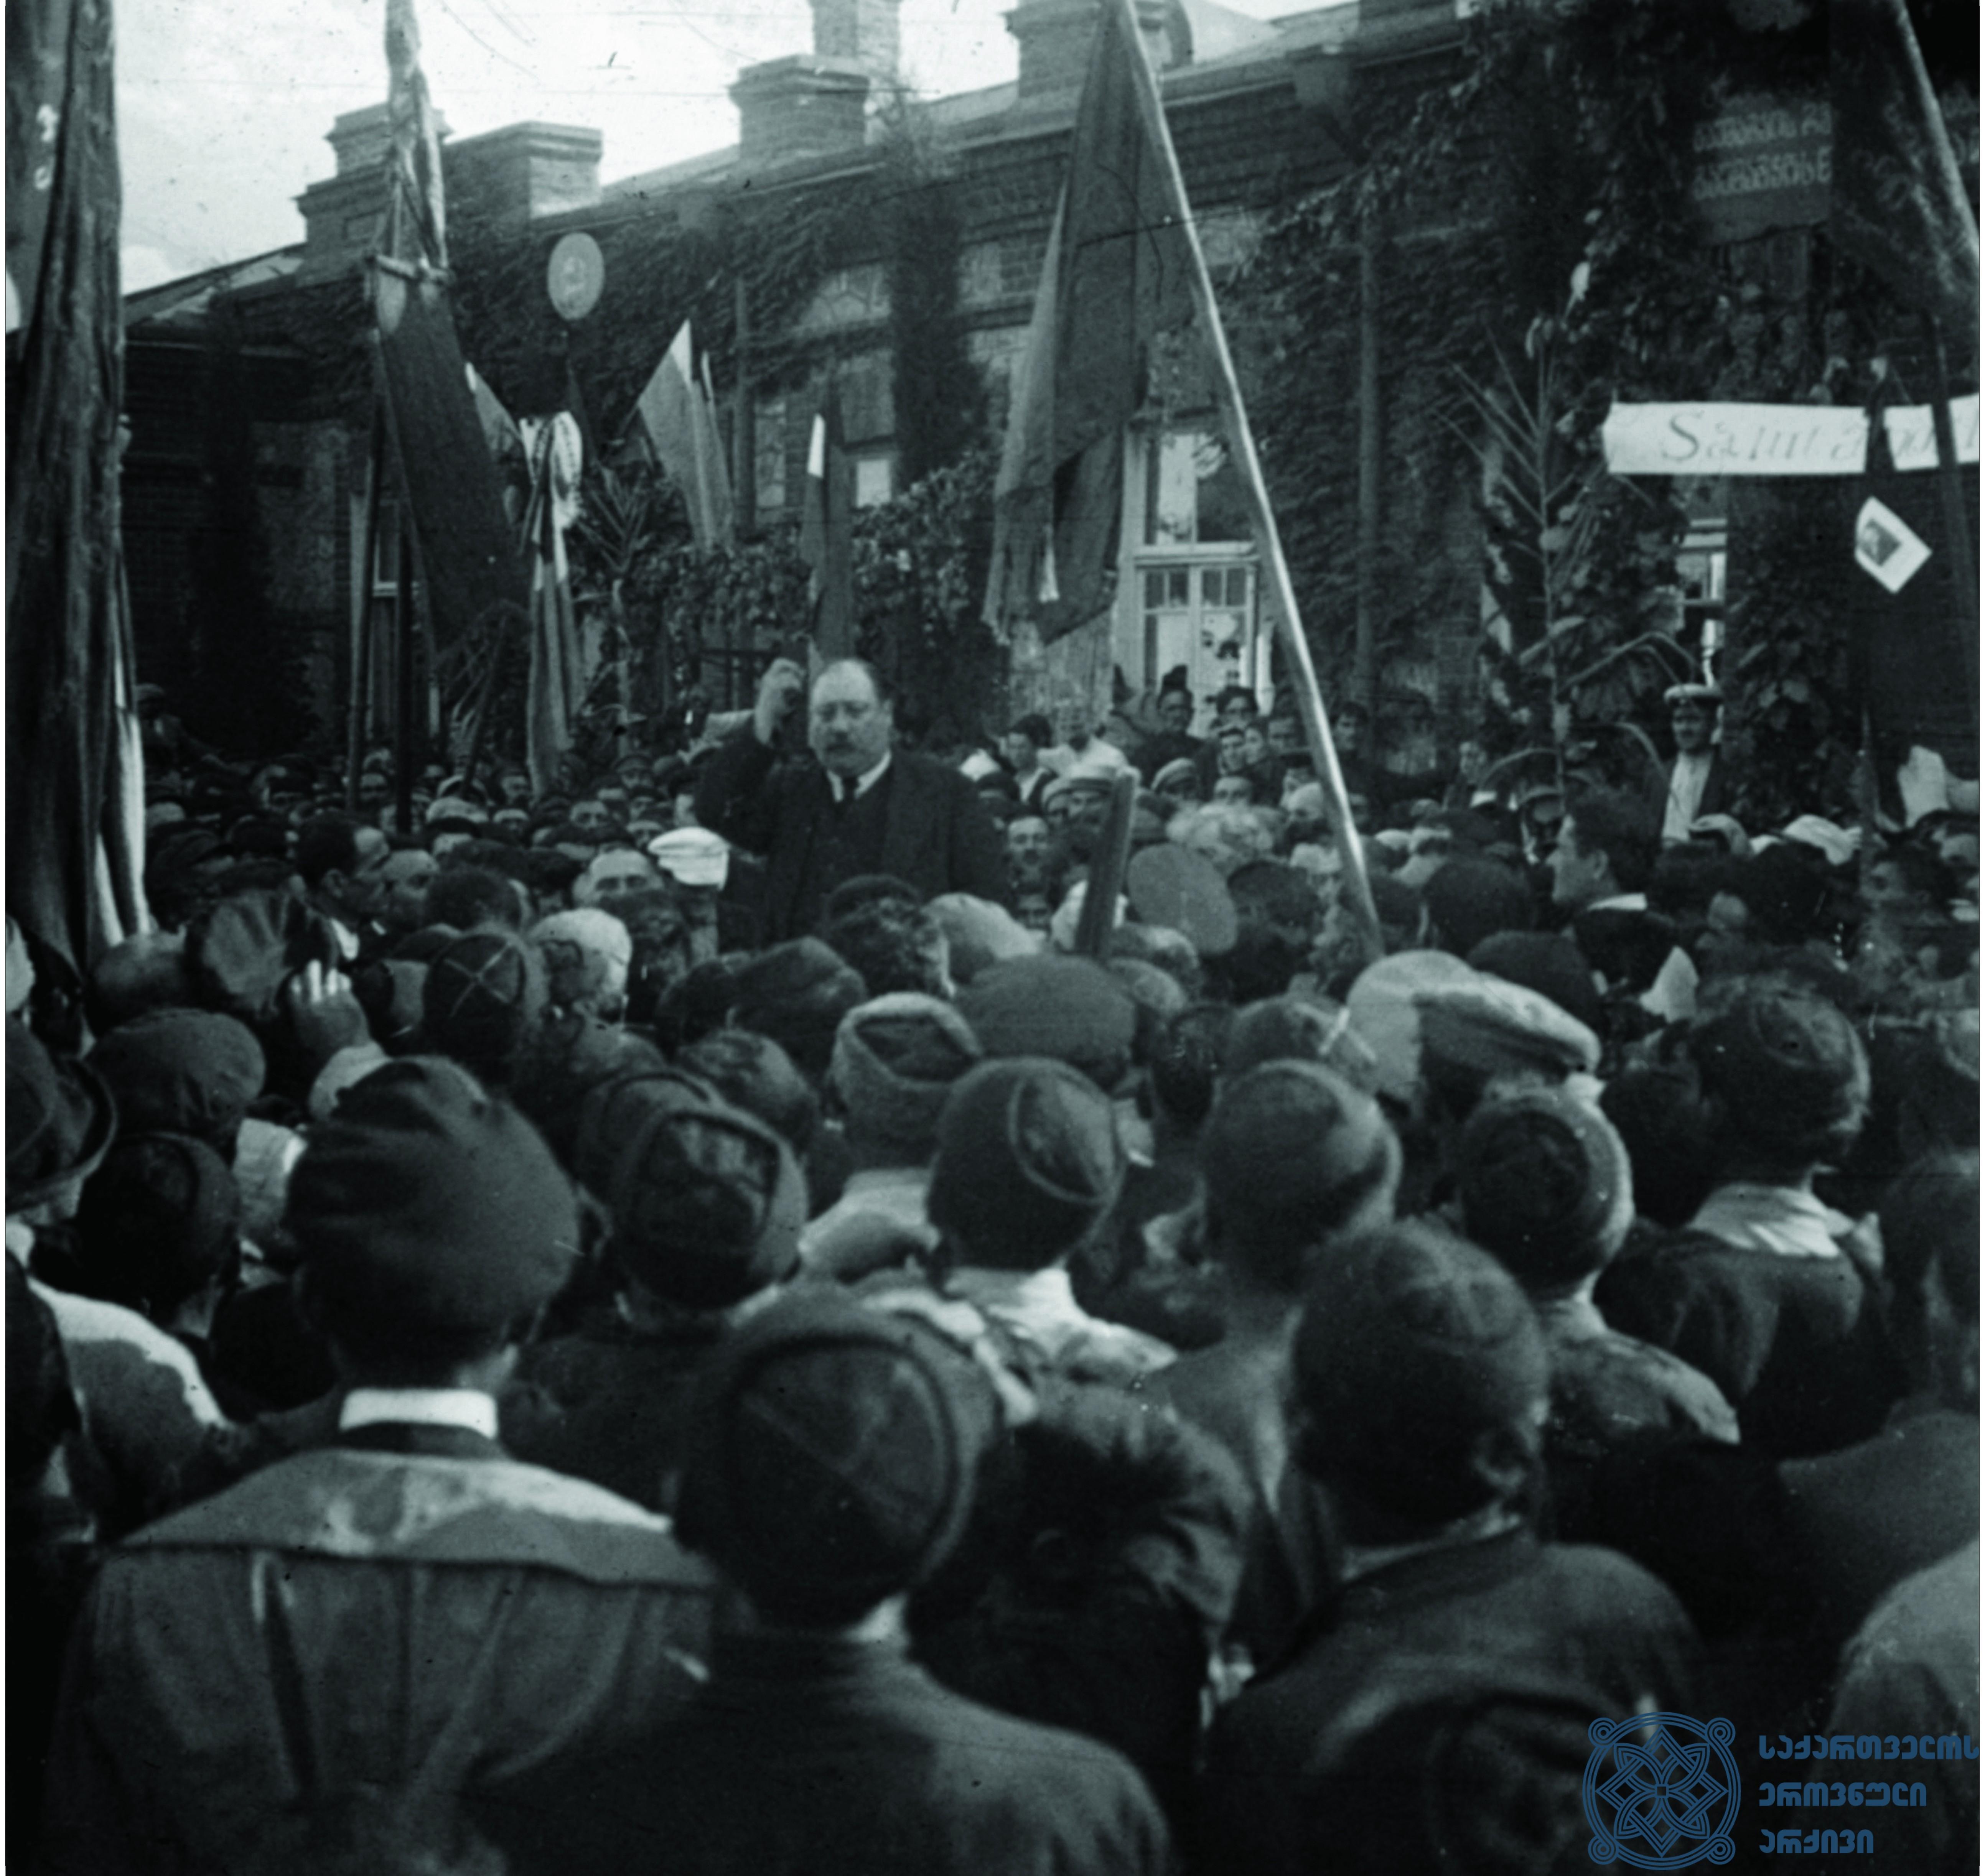 ფრანგი სოციალისტის – პიერ რენოდელის – სიტყვით გამოსვლა მეორე სოციალისტური ინტერნაციონალის დელეგაციის ვიზიტის პატივსაცემად გამართულ დემონსტრაციაზე გურჯაანში. 1920 წლის სექტემბერი. <br> French Socialist Pierre Renaudel is giving a speech at a demonstration, held in Gurjaani, dedicated to the visit of the delegation of the Second Socialist International. September 1920.